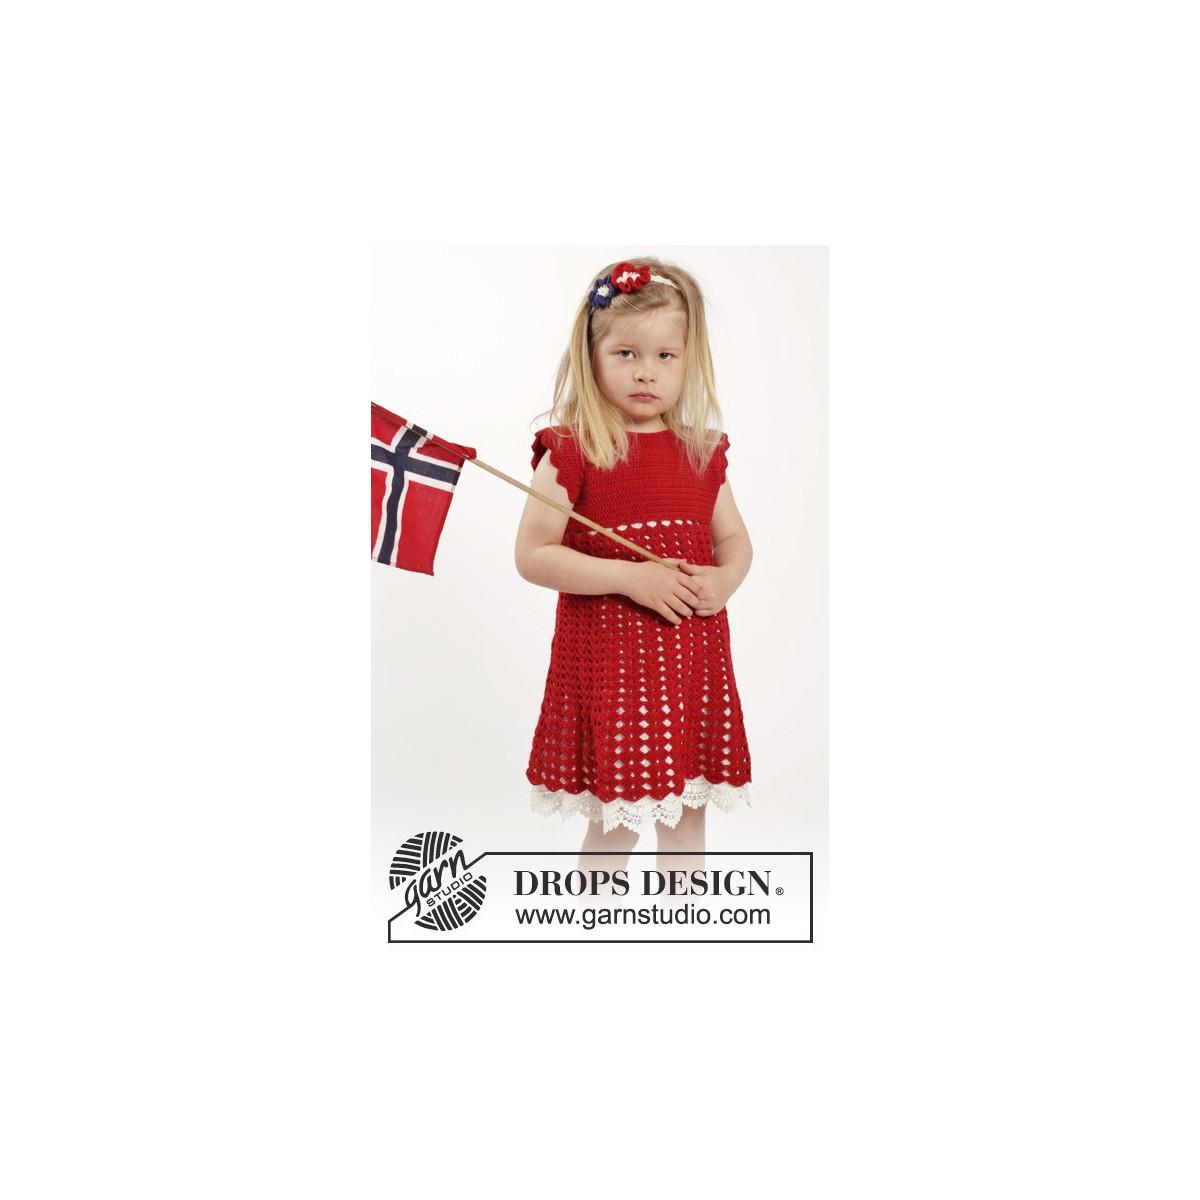 Princess Matilde by DROPS Design Kjole og Hårbånd Hækleopskrift str. 2 år 910 år Rito.dk